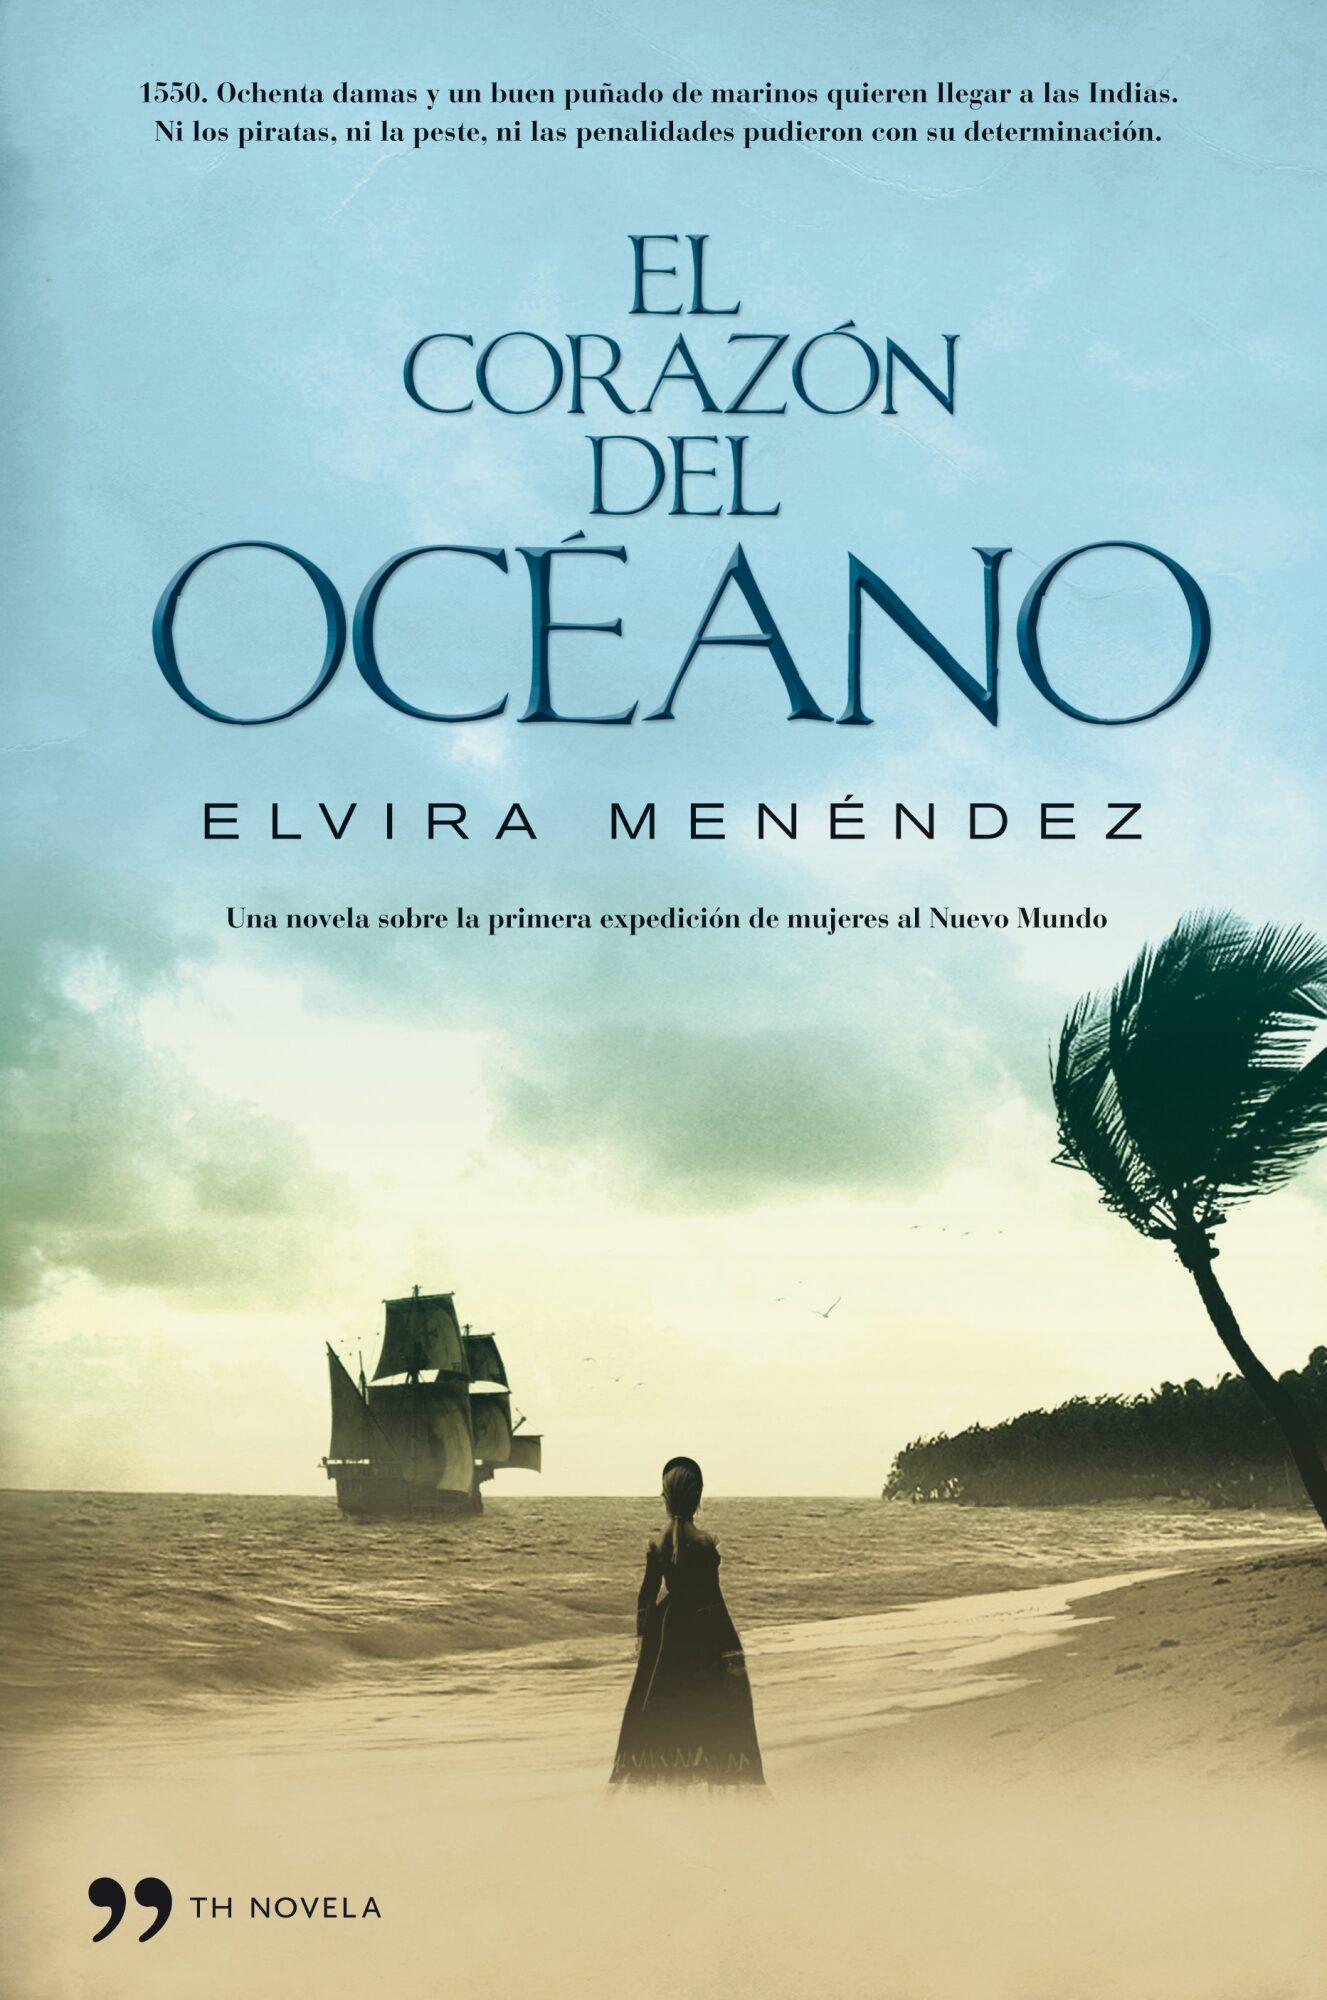 El Corazon Del Oceano: Una Novela Sobre La Primera Expedicion De Mujeres Al Nuevo Mundo por Elvira Menendez